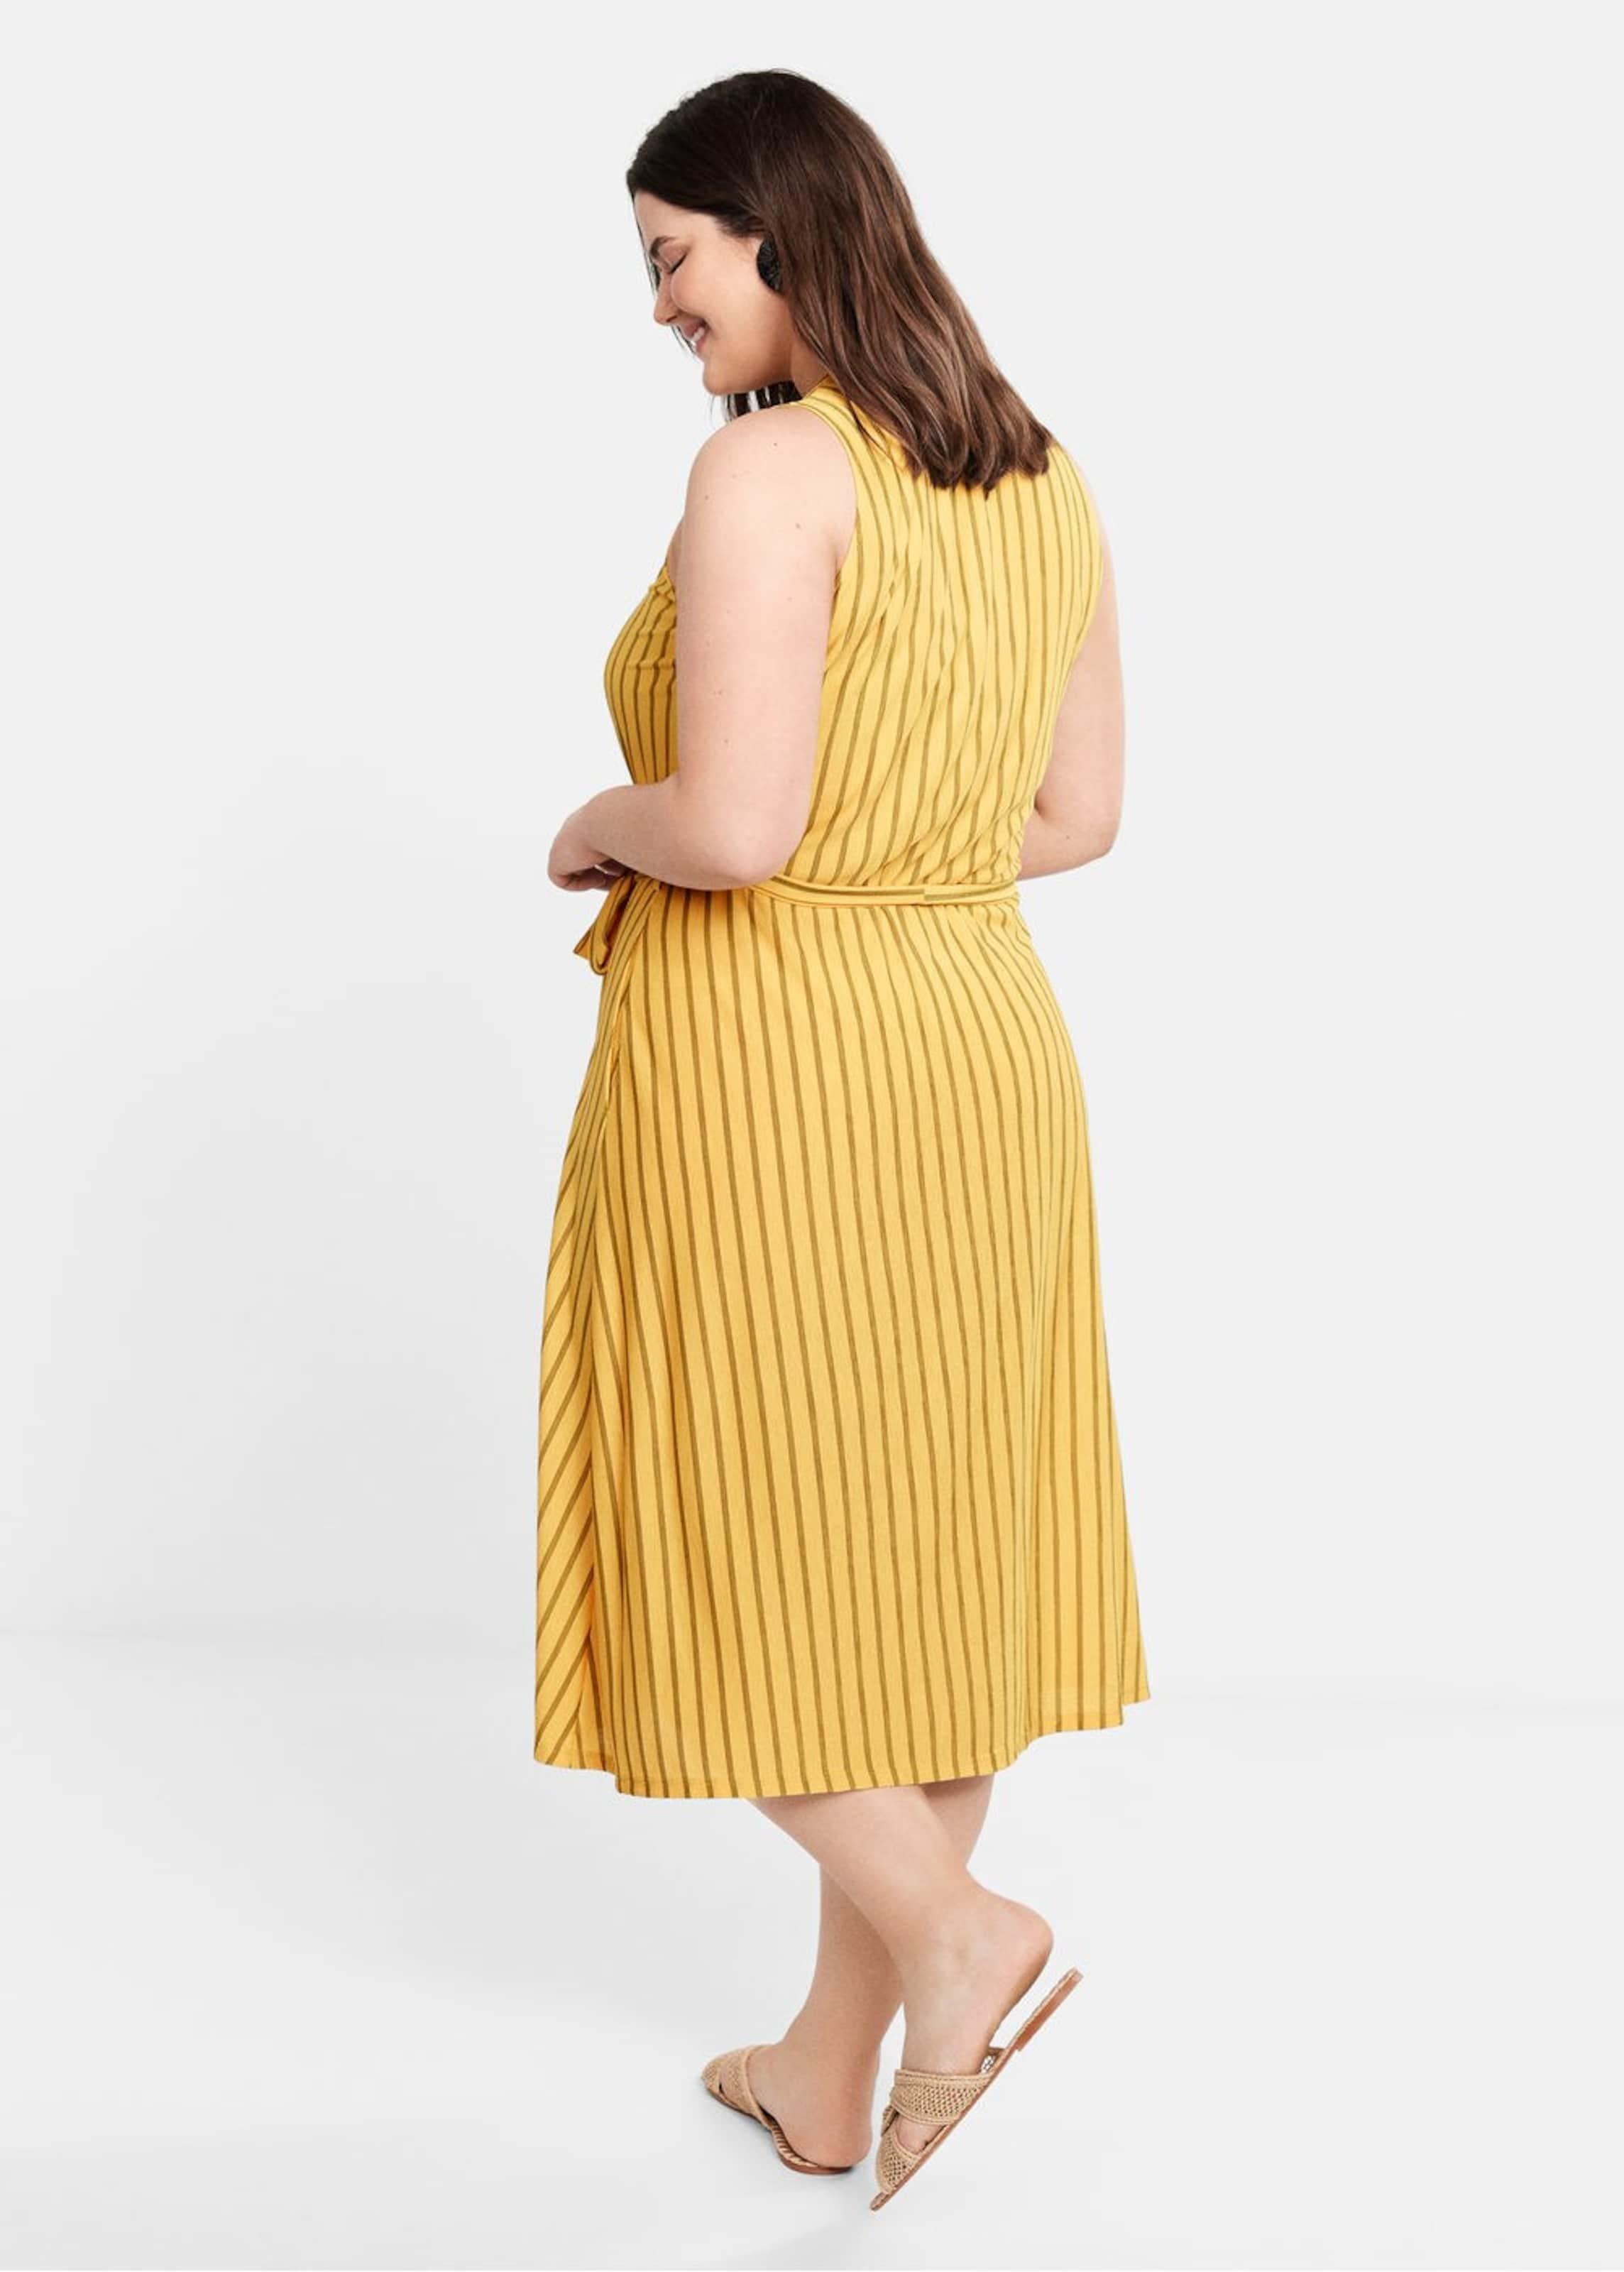 Kleid Violeta i' By In Mango 'kristen BraunGelb n0PwOk